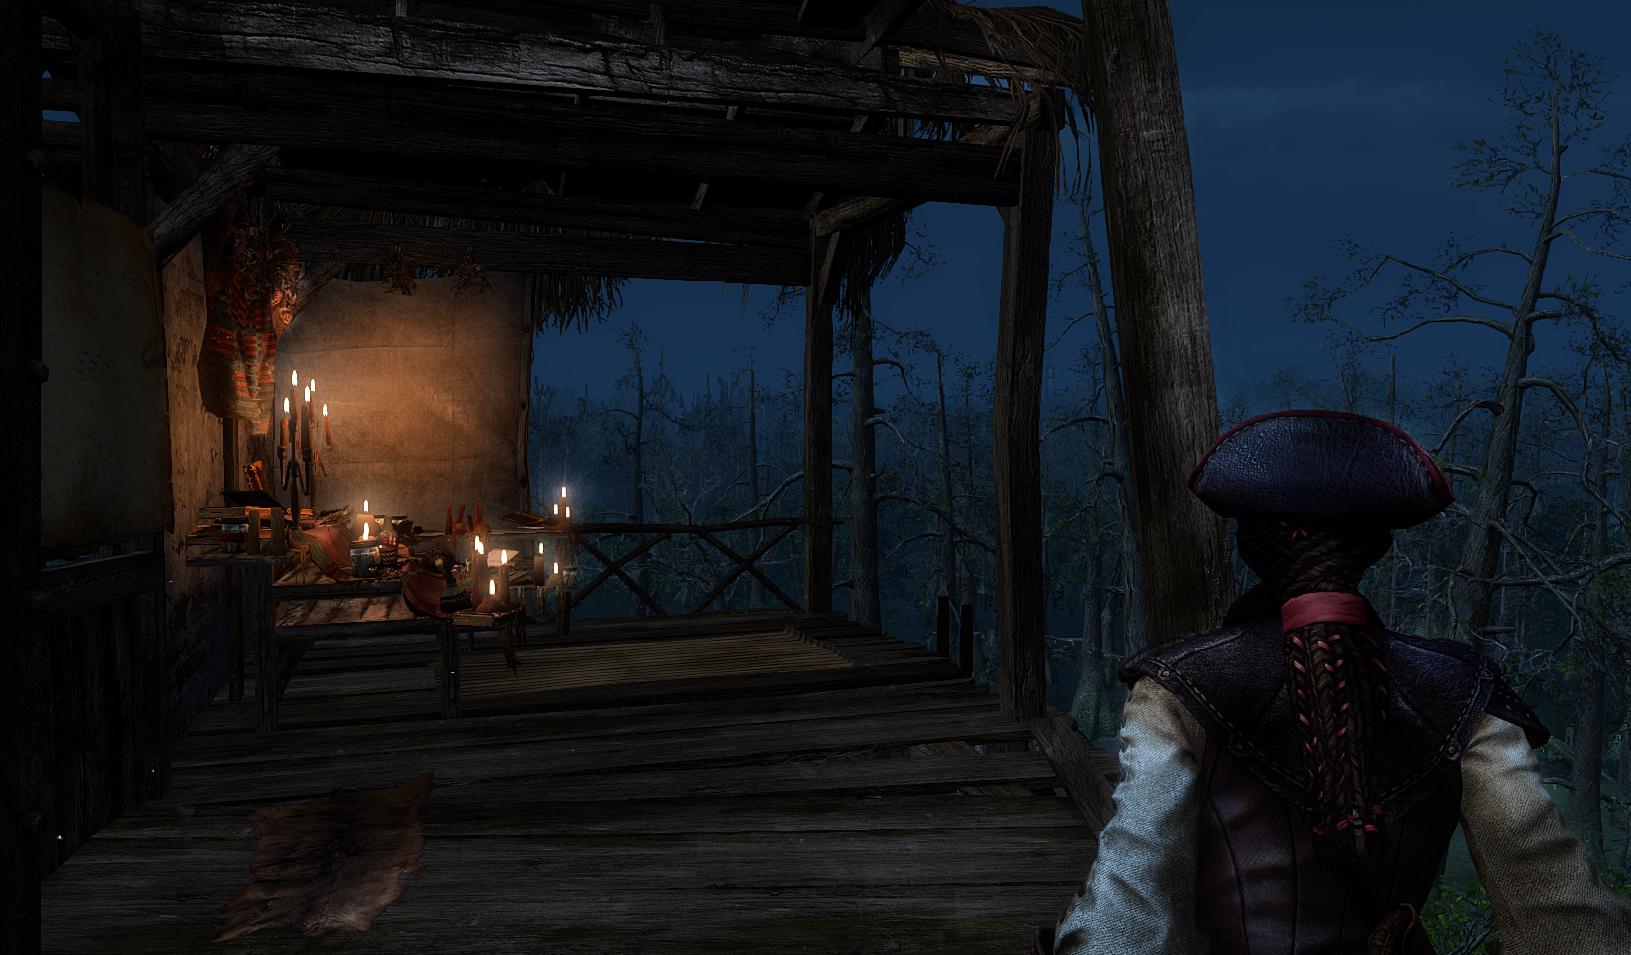 com.steam.260210-screenshot